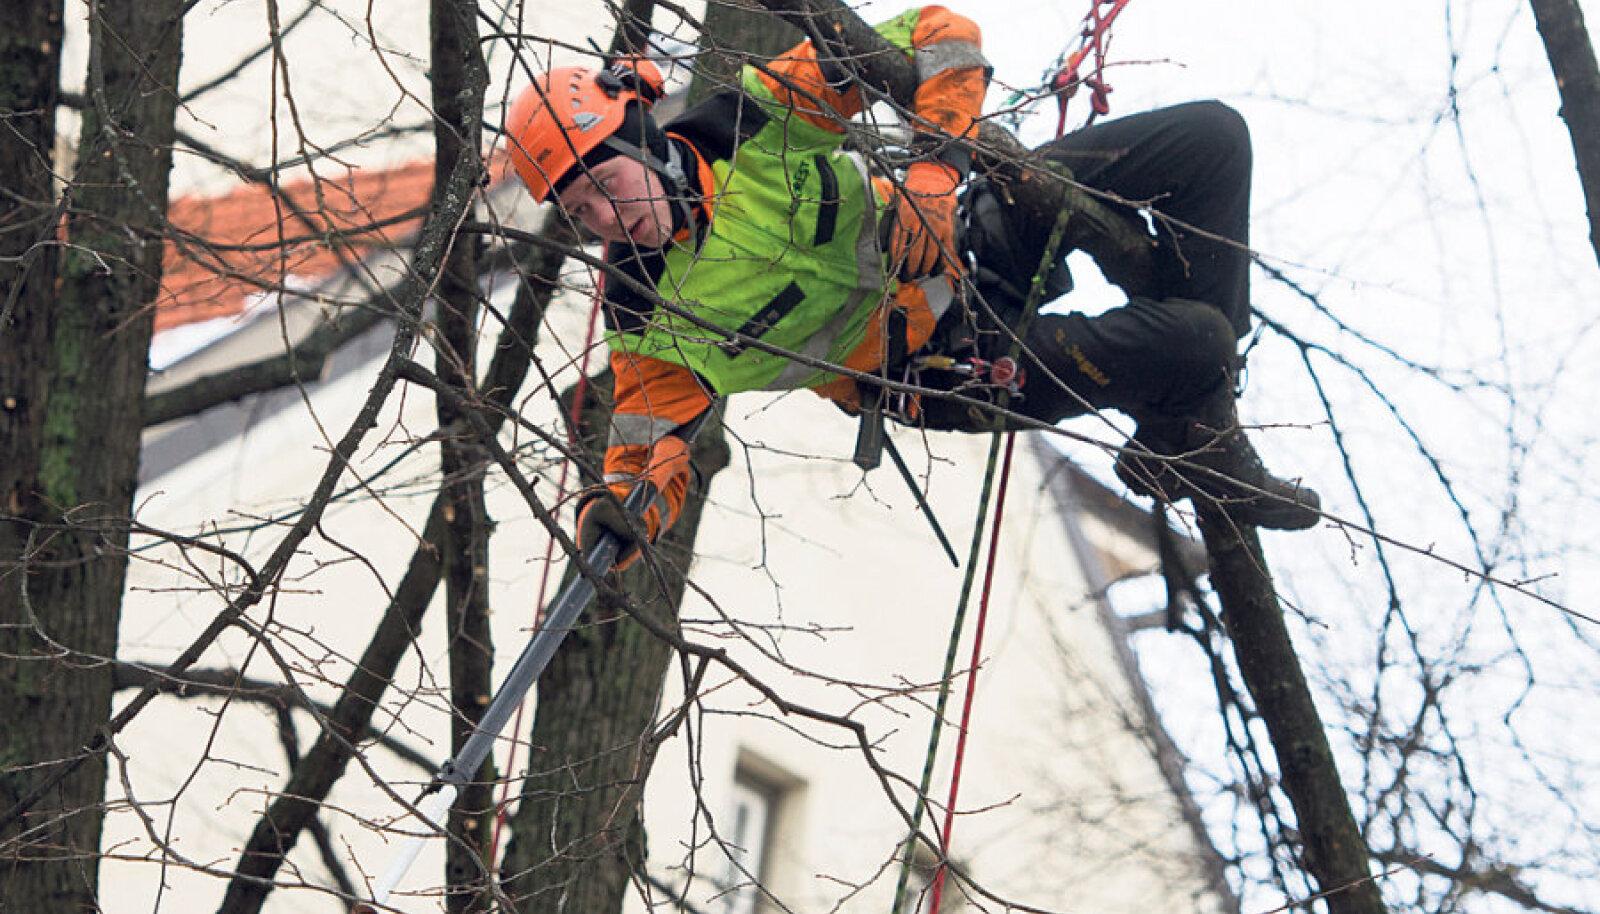 Arboristi töö nõuab tsirkuseakrobaadi võimeid, ent selles töös on oluline ka puude hingeelu tundmine.